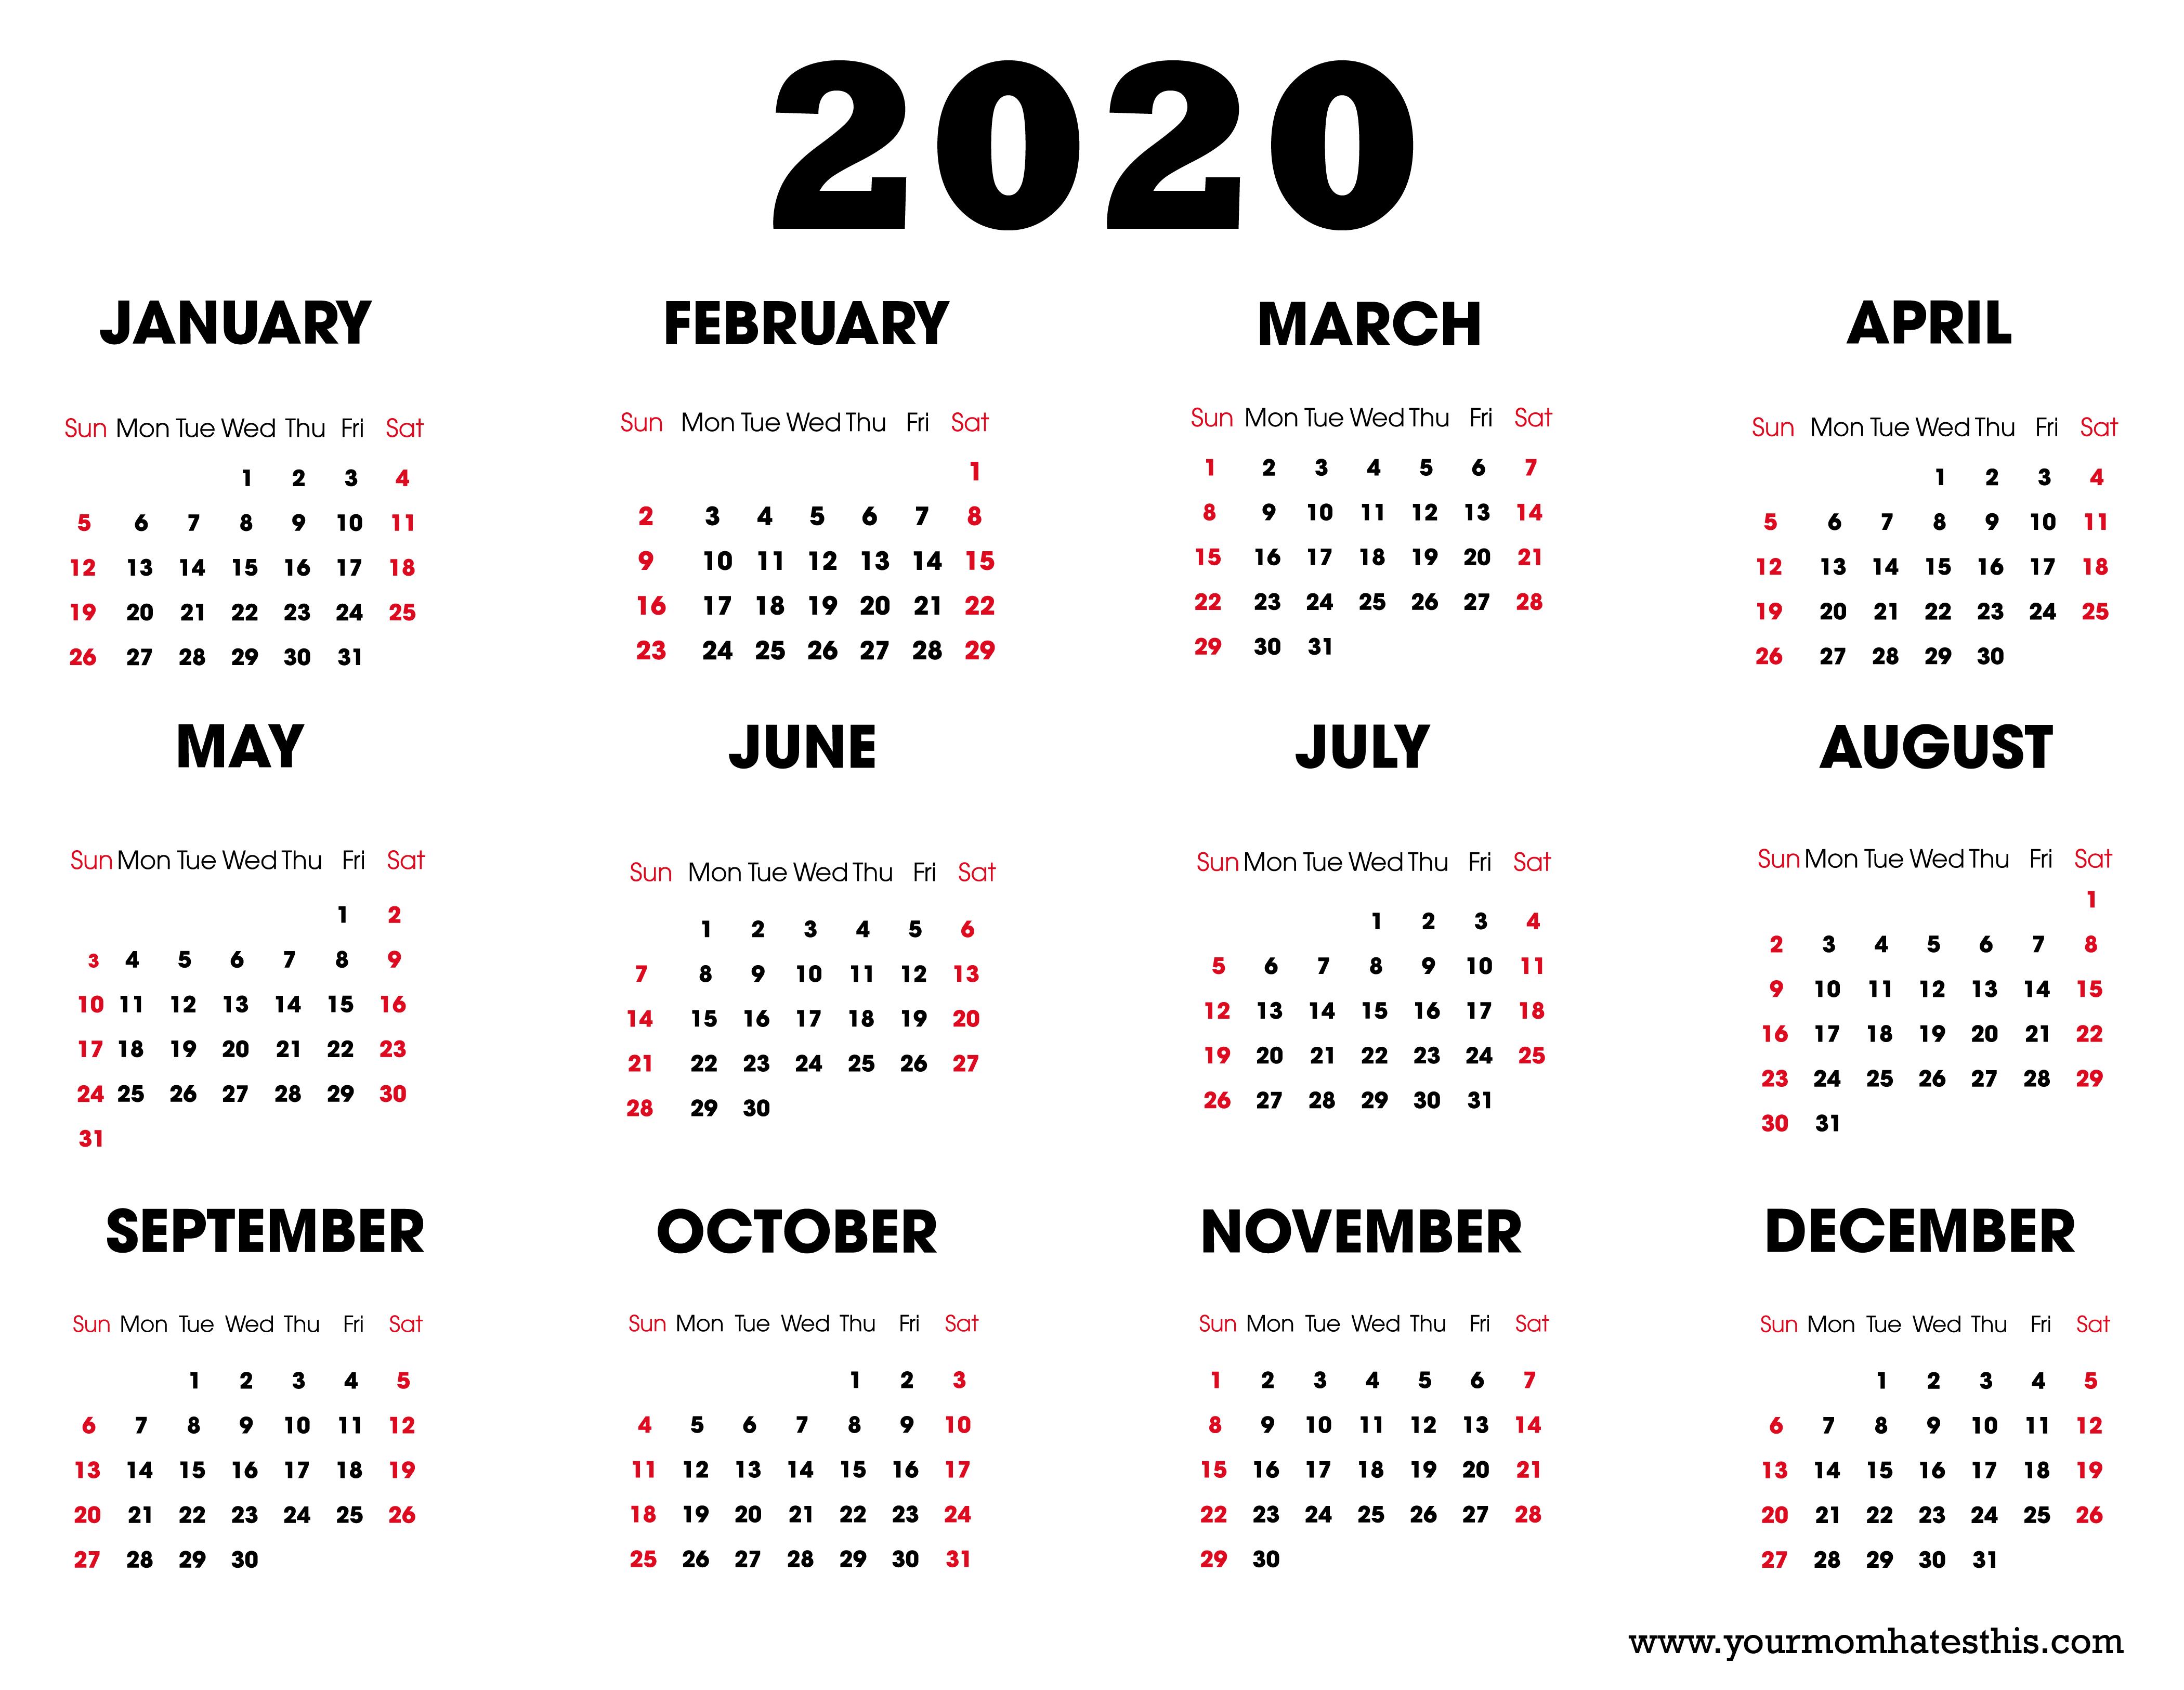 2020 Calendar – Download Printable Calendars in 2020 Calendar Printable Free Pdf